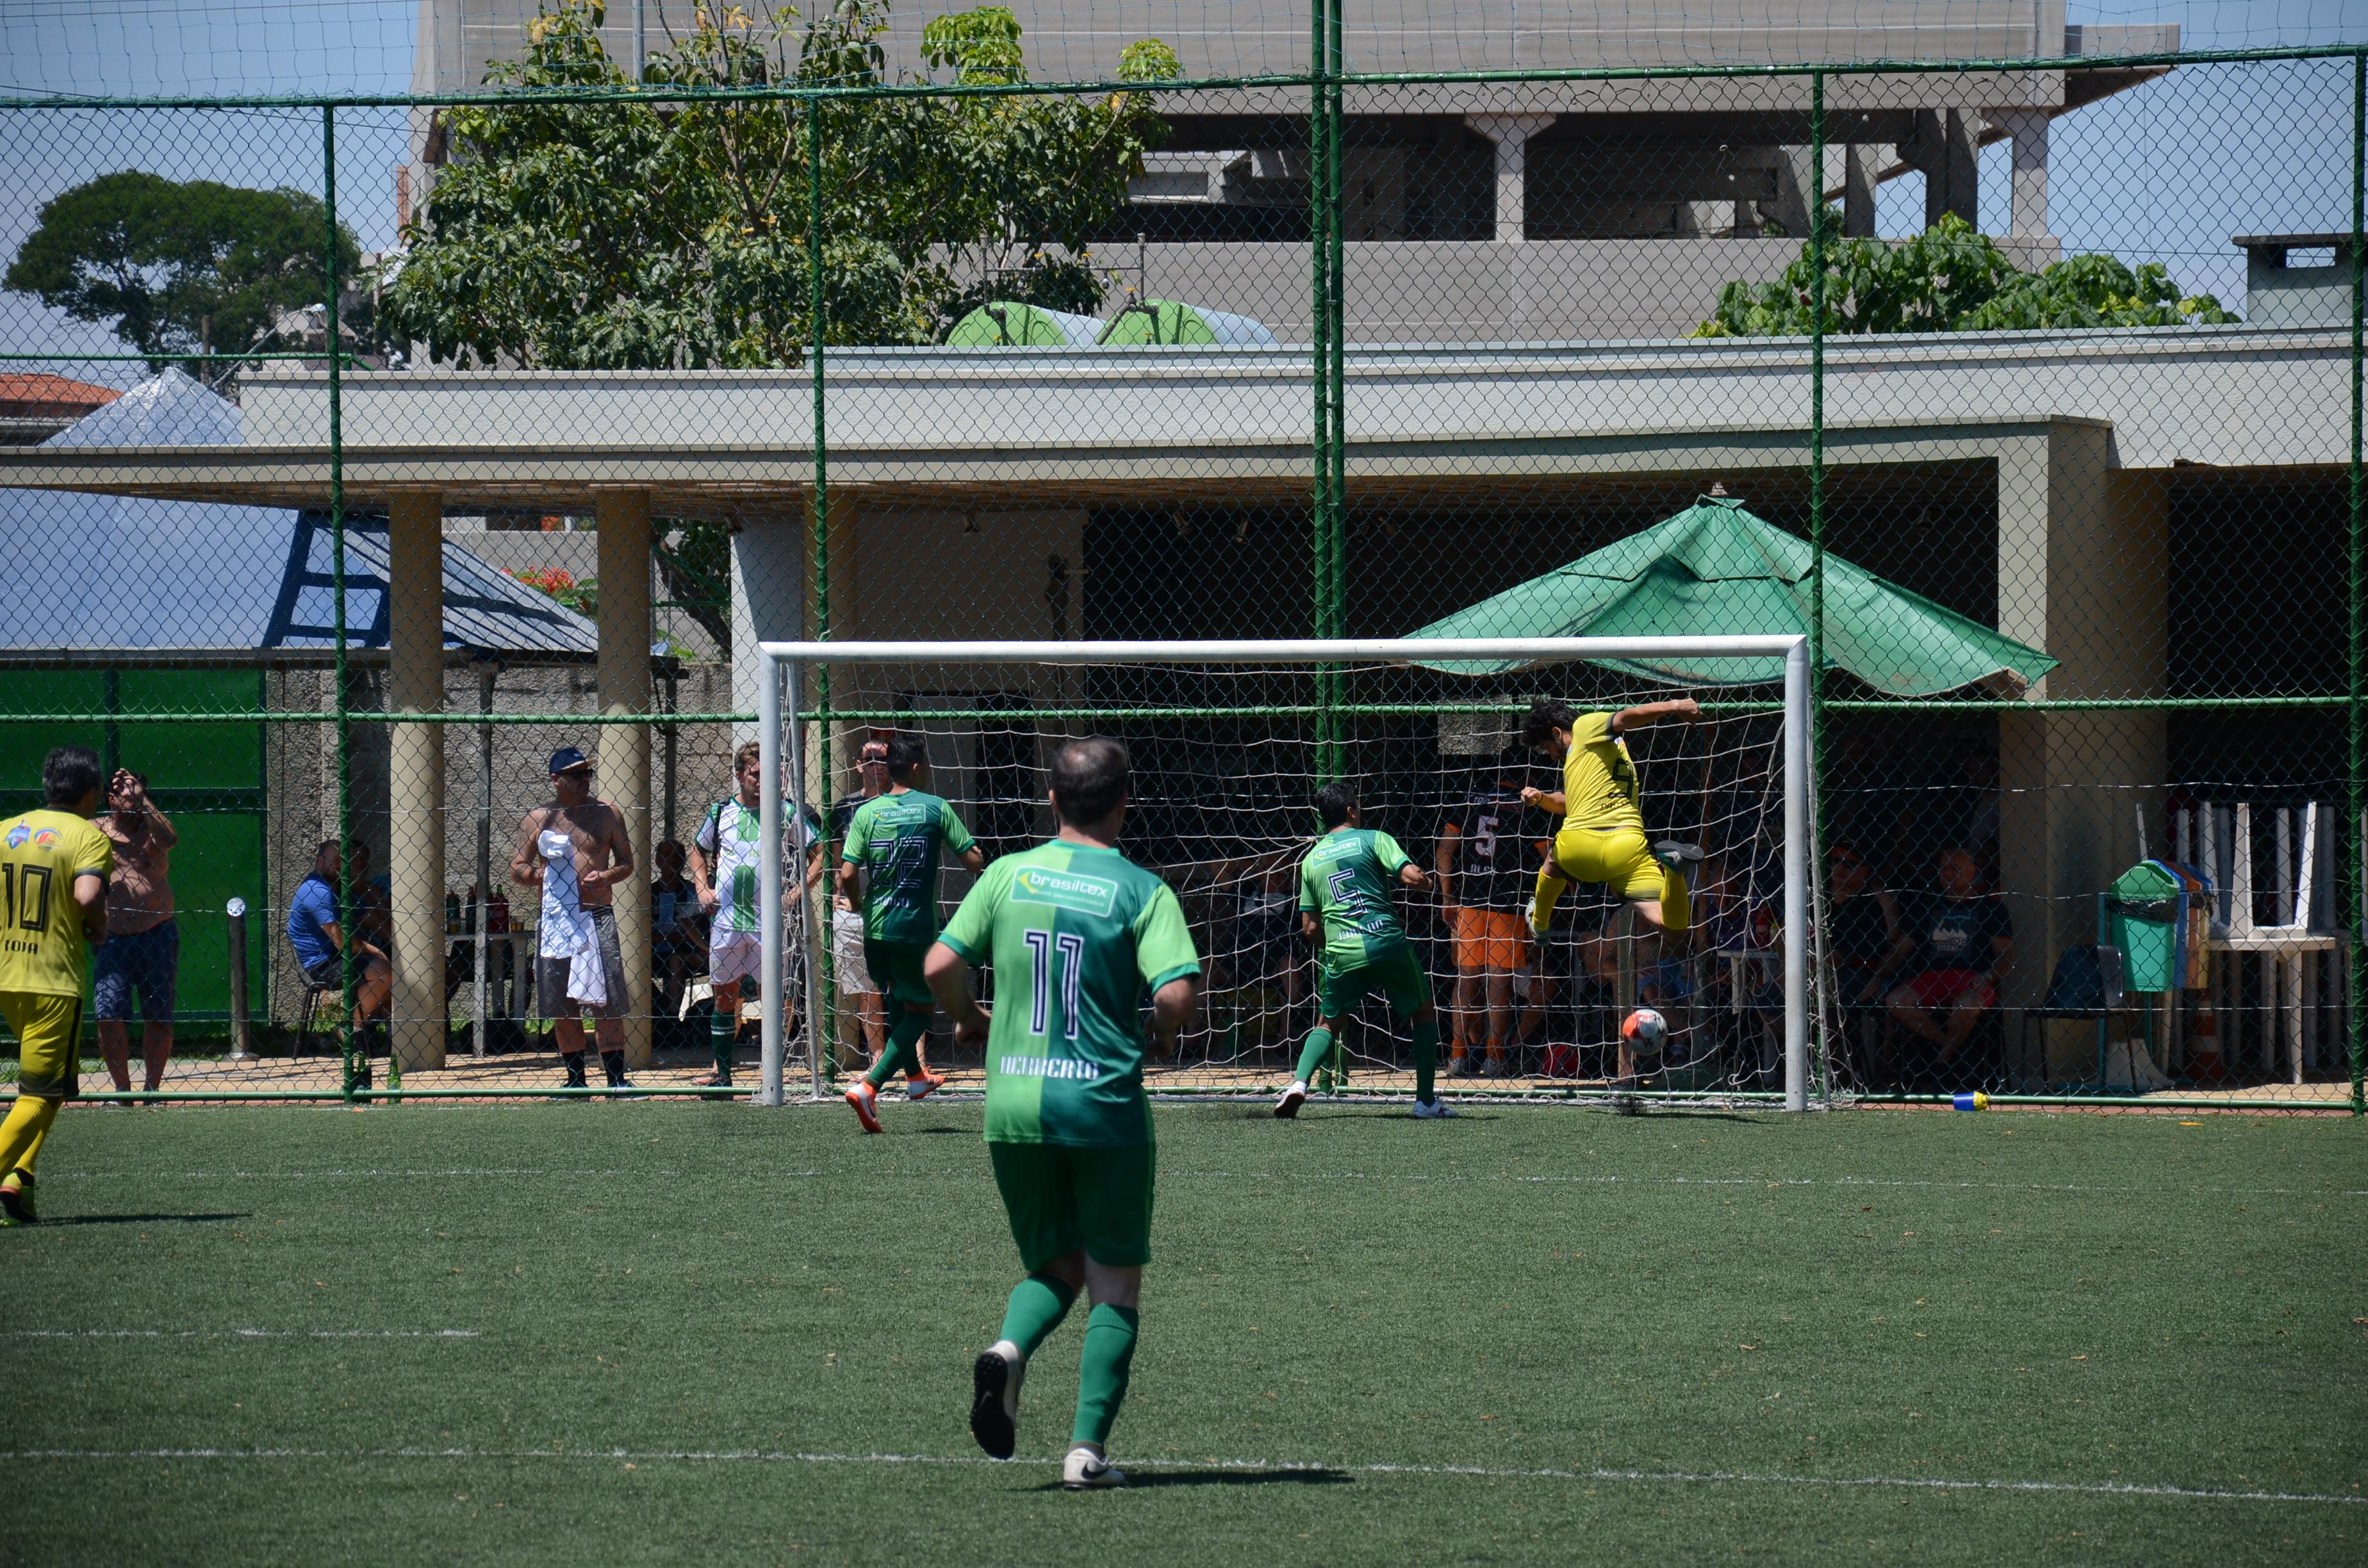 Um dos gols da goleada de 5 a 0 do JR Celulares CT Nando Grana pra cima do Brasiltex que garantiu a vaga da equipe na final